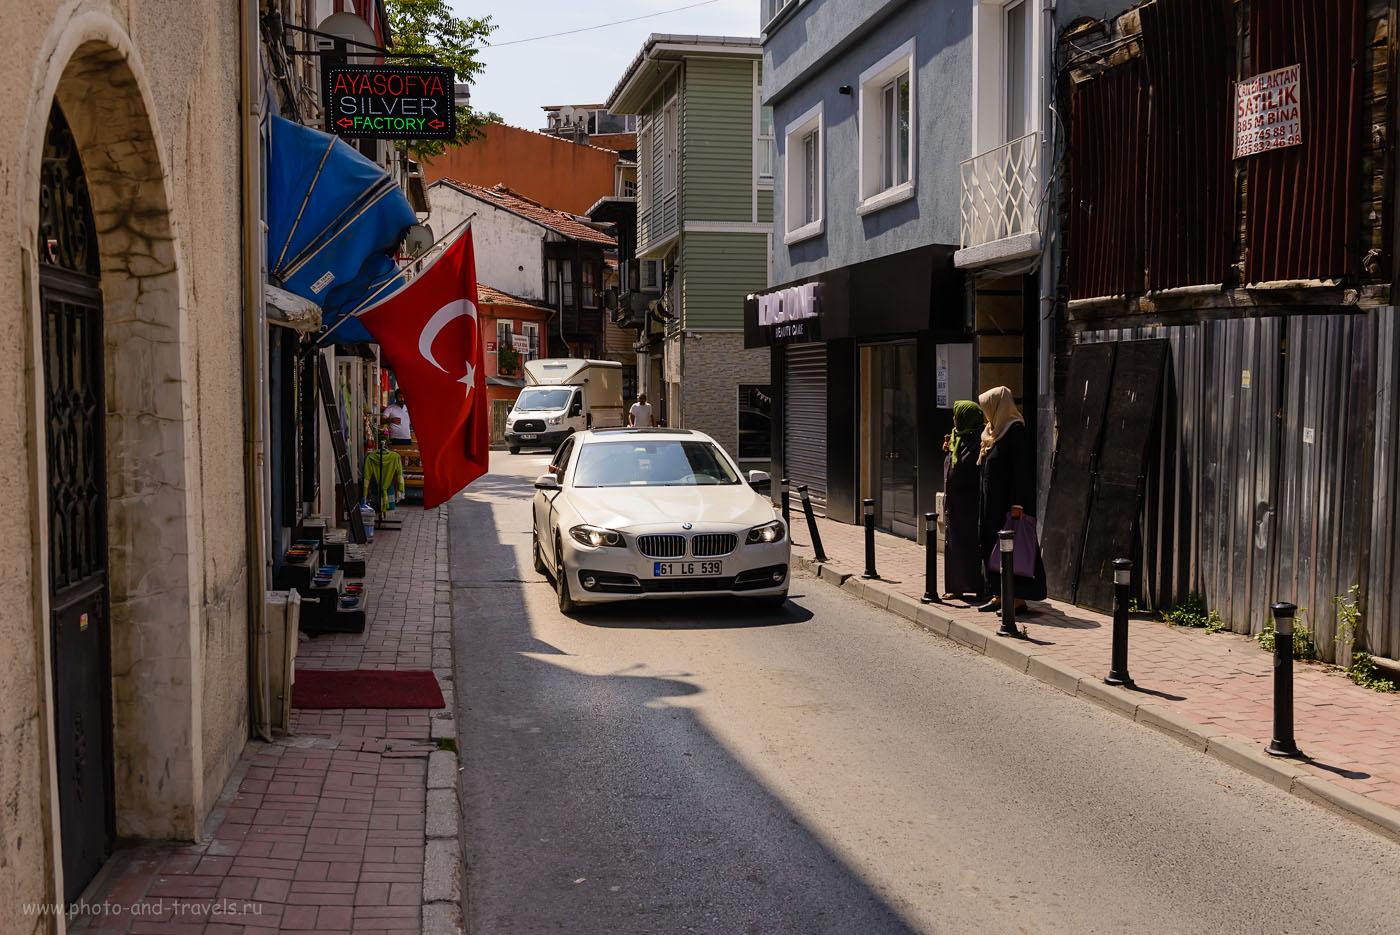 Фотография 7. Легко ли водить машину на улицах Стамбула. 1/800, -0.67, 7.1, 200, 38.